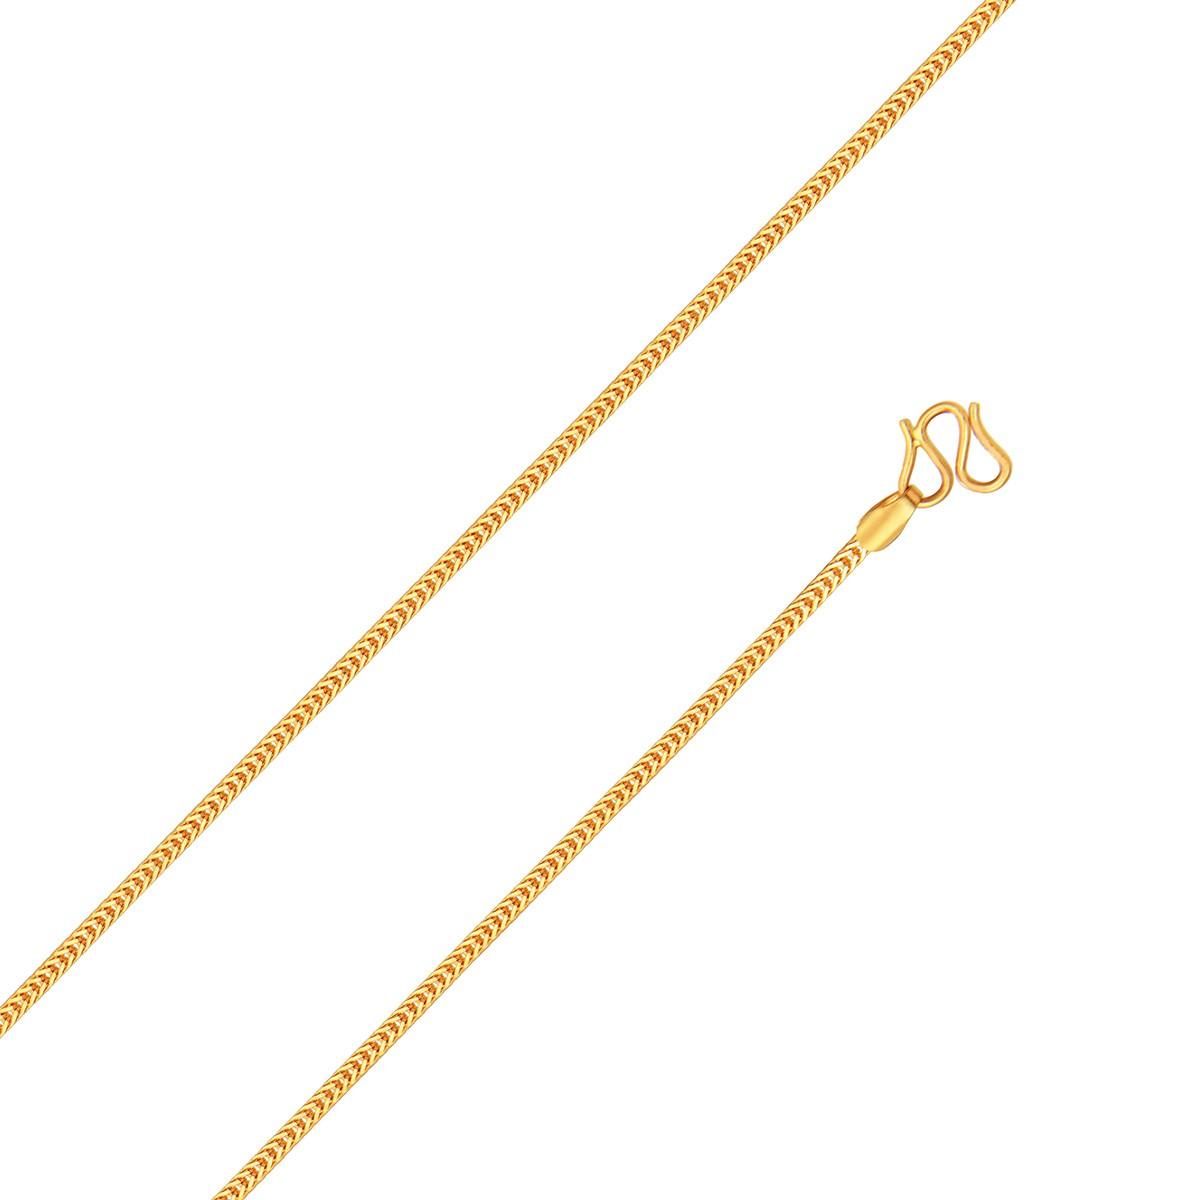 22k Yellow Gold Chain02